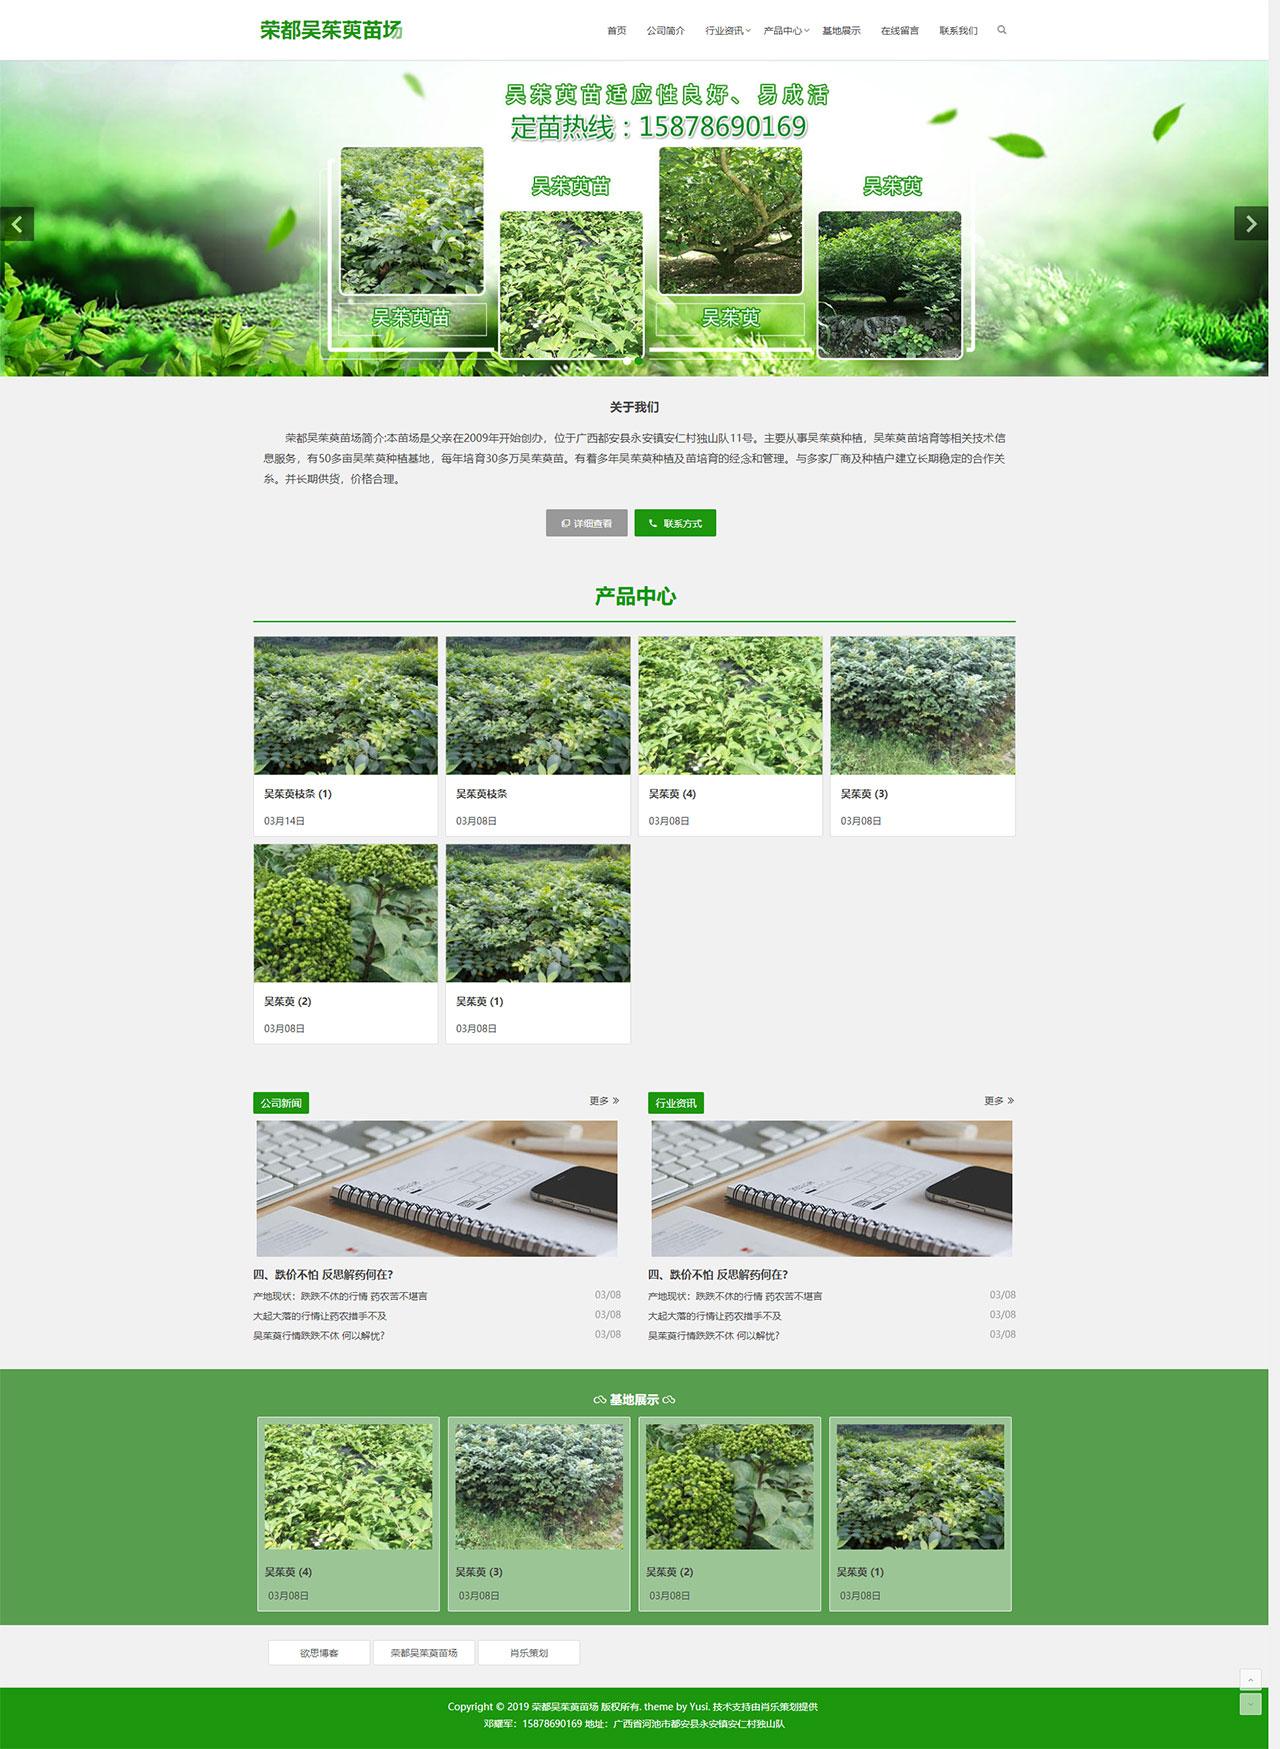 XL-014.荣都吴茱萸苗场农场网站